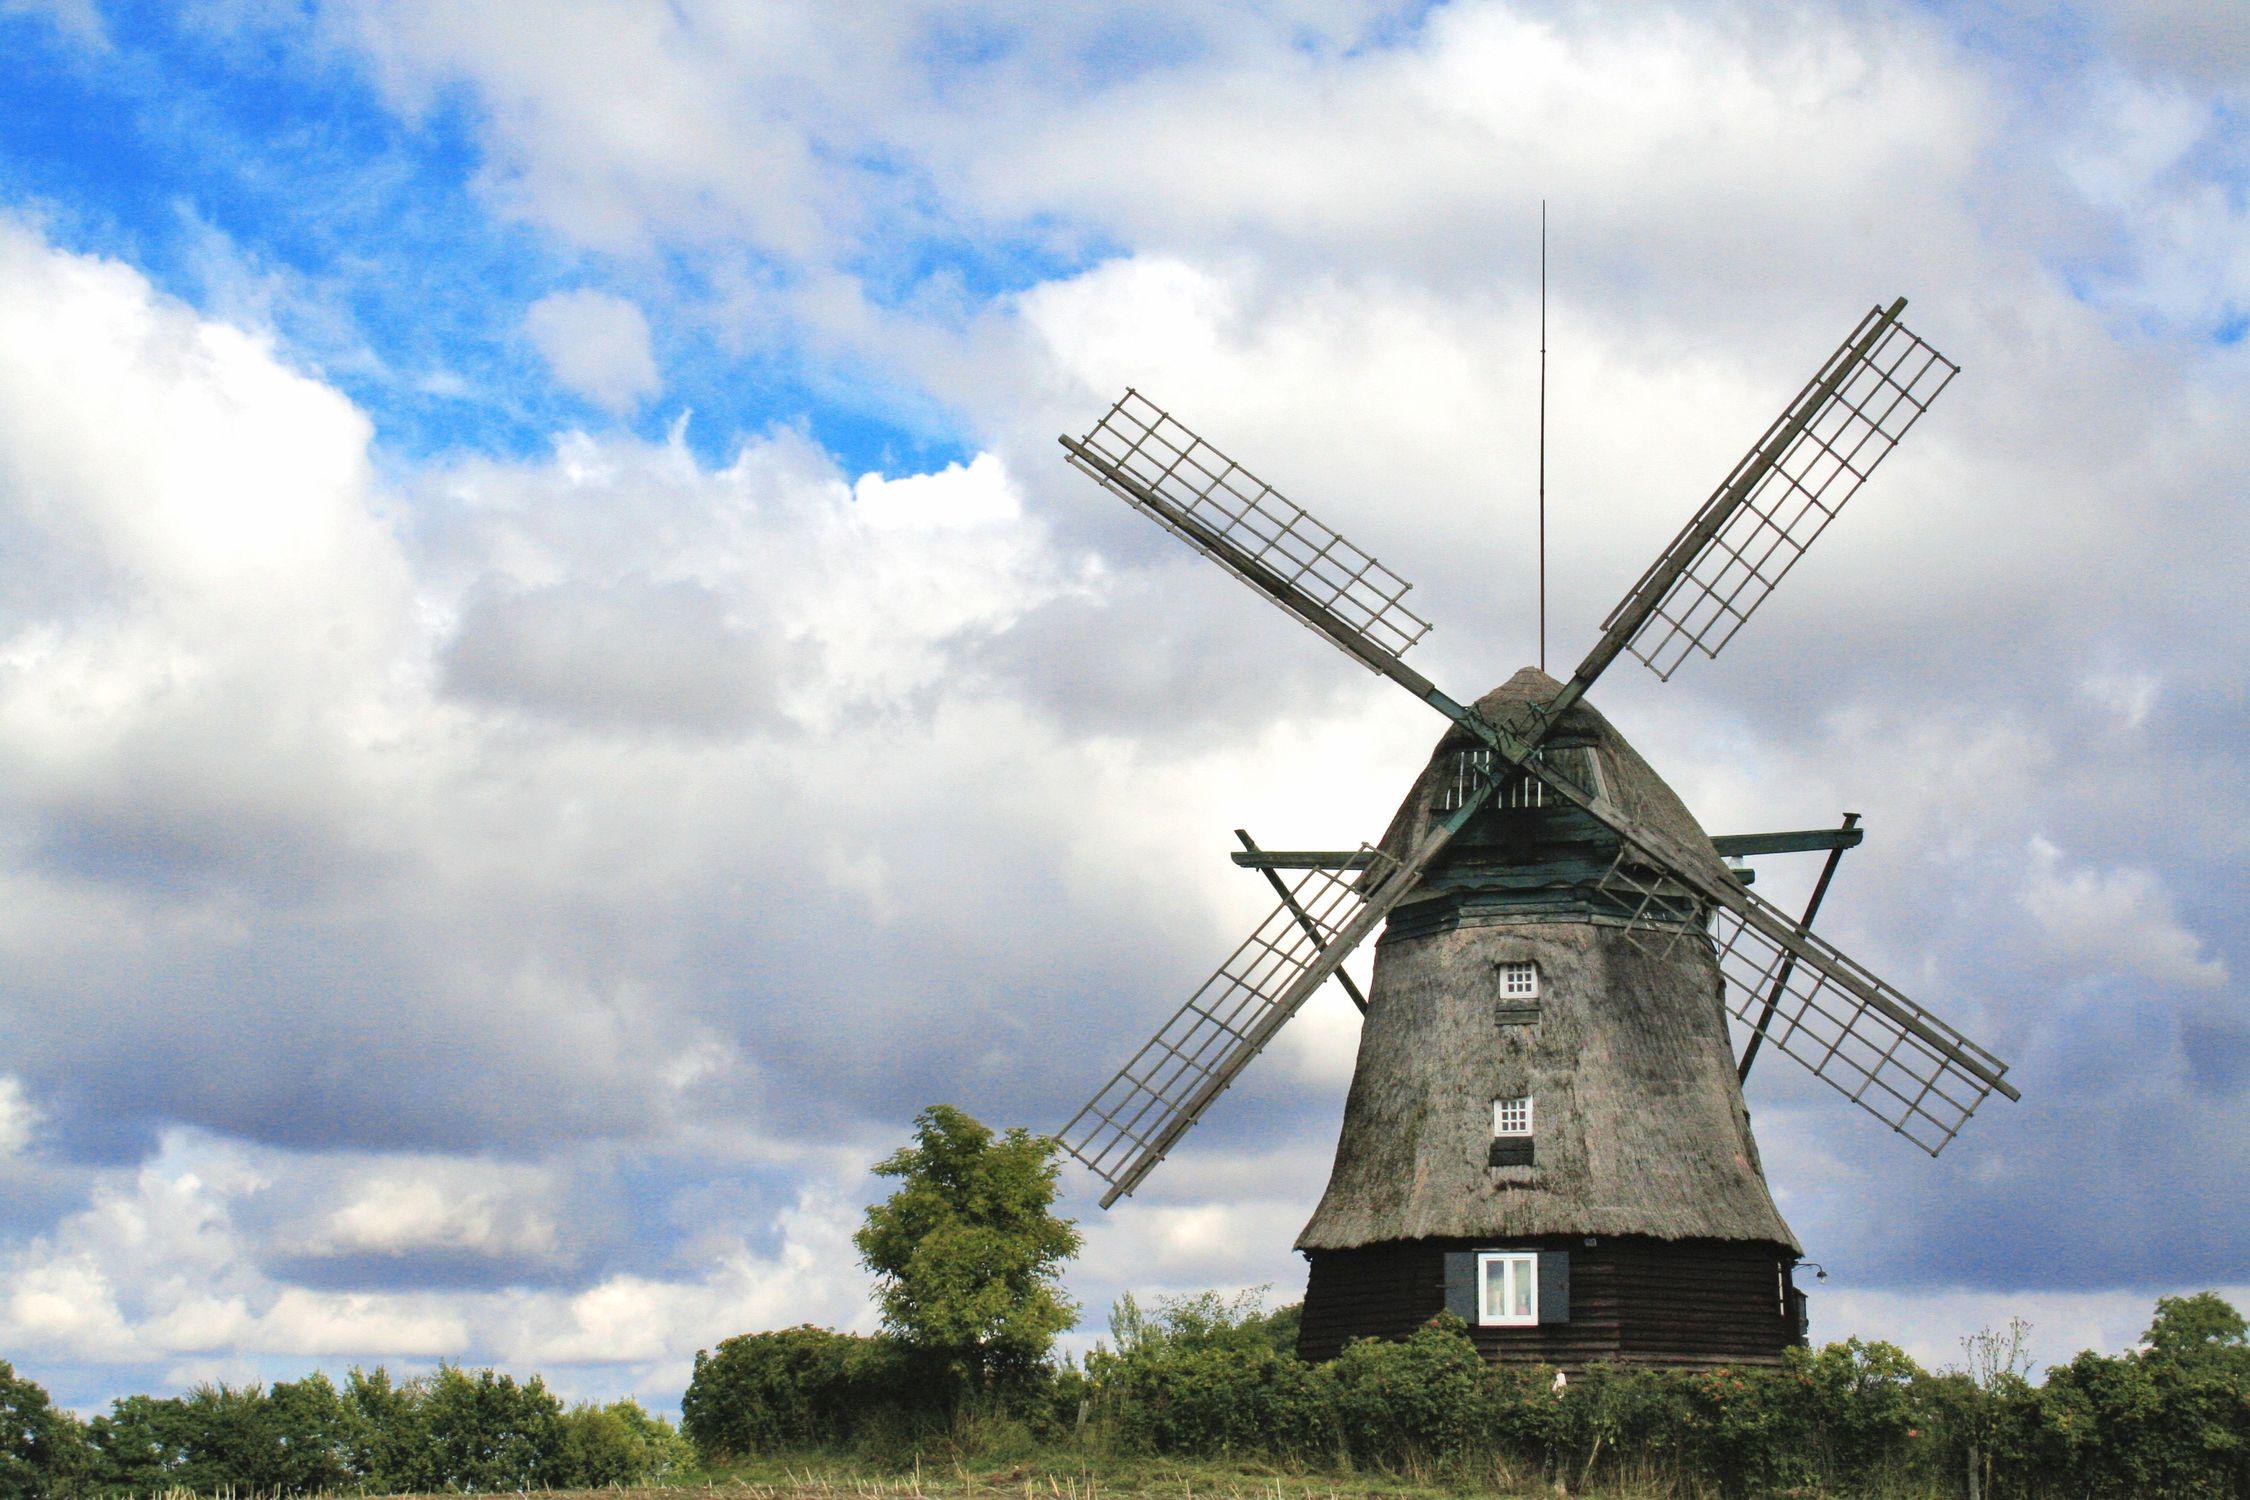 Bild mit Natur, Himmel, Wolken, Orte, Siedlungen, Architektur, Bauwerke, Gebäude, Ländliche Gebiete, Industrie, Mühlen, Windmühlen, Windmühlen, Windparks, Windmühle